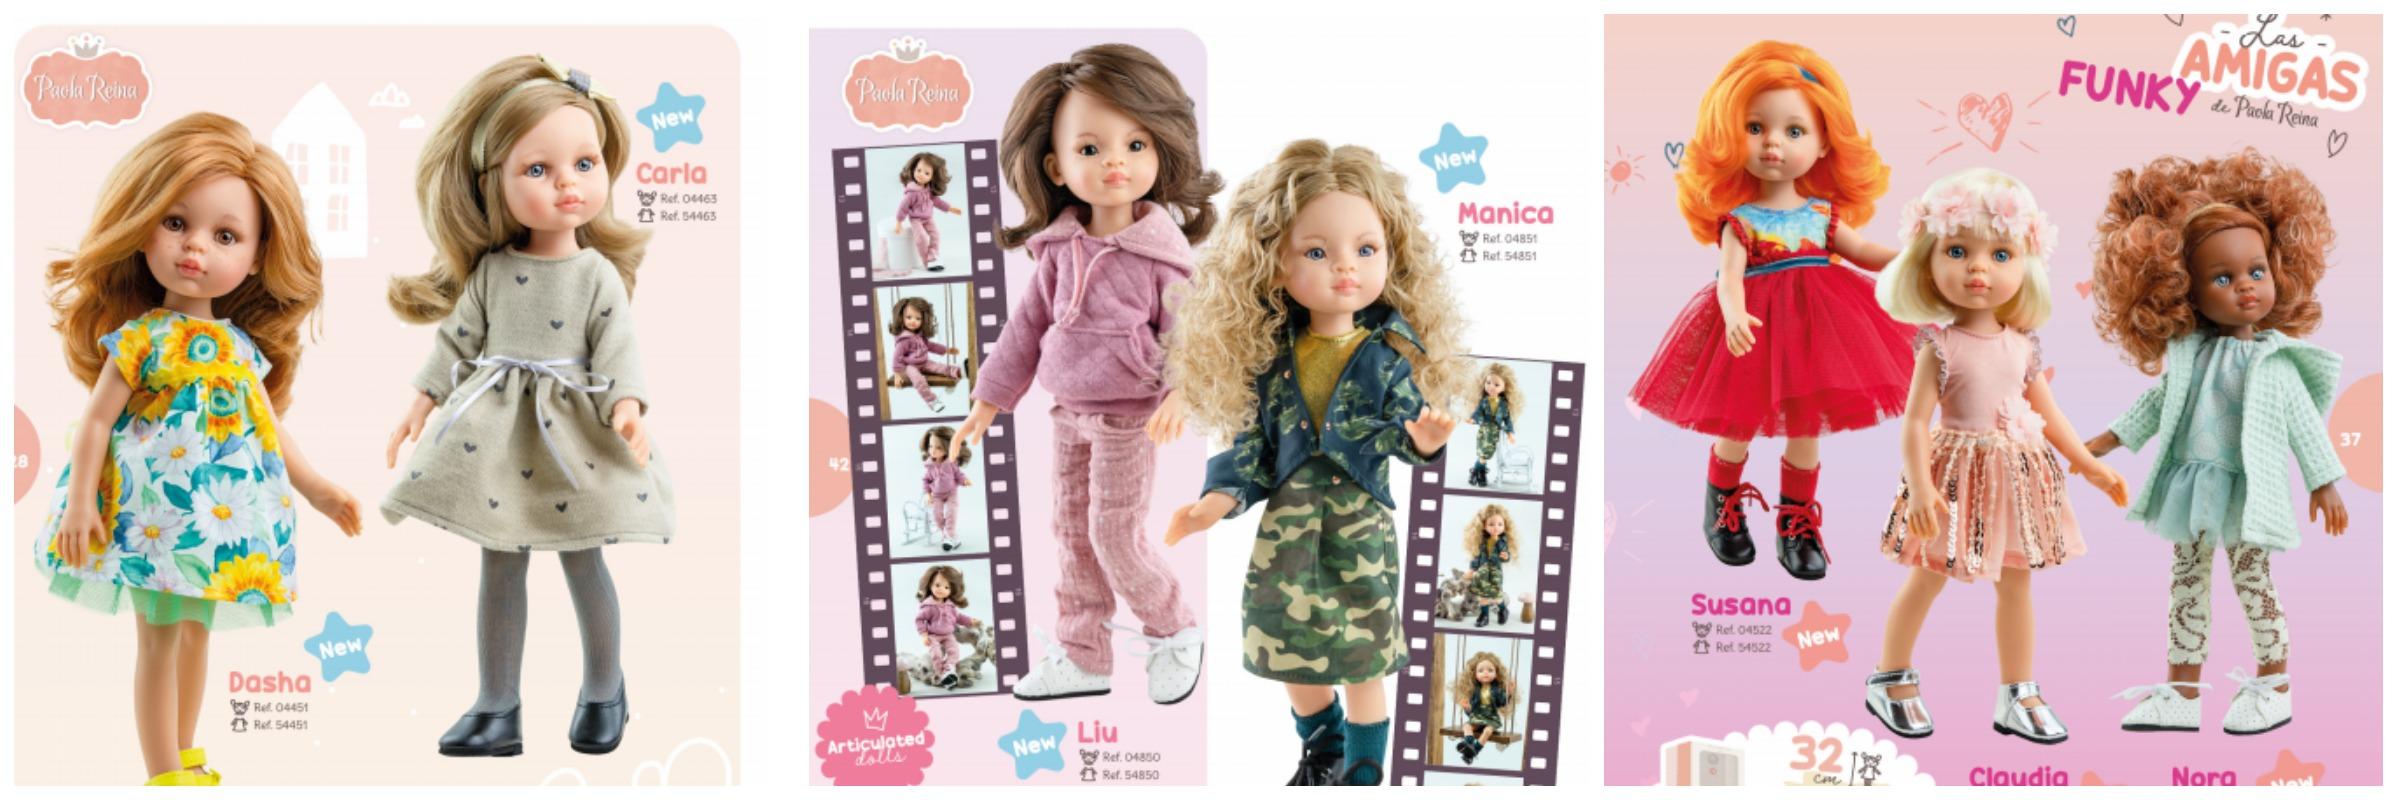 испанские ванильные куклы паола рейна 2021